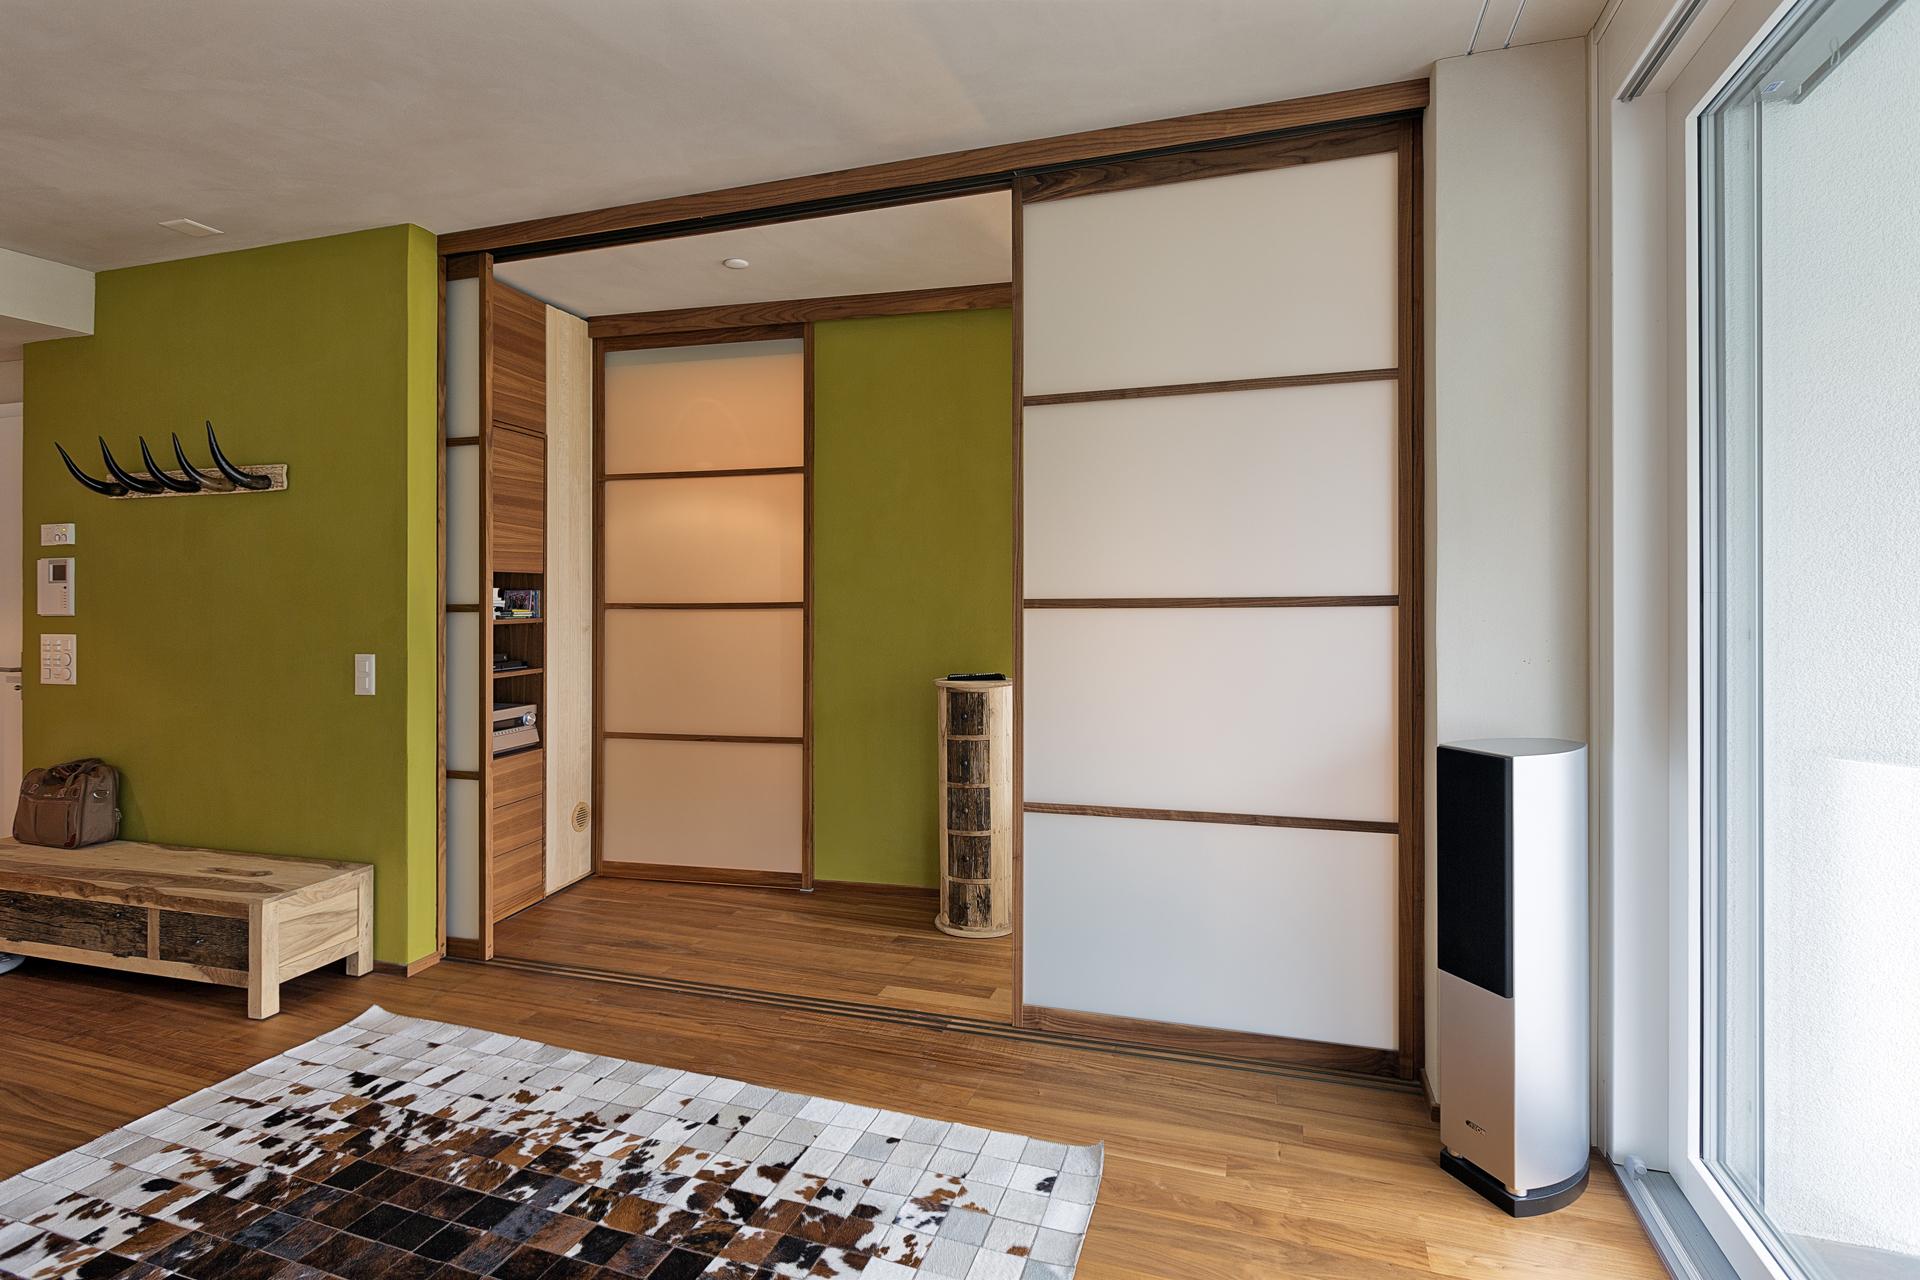 flexible trennw nde zwischen mehreren r umen auf zu. Black Bedroom Furniture Sets. Home Design Ideas